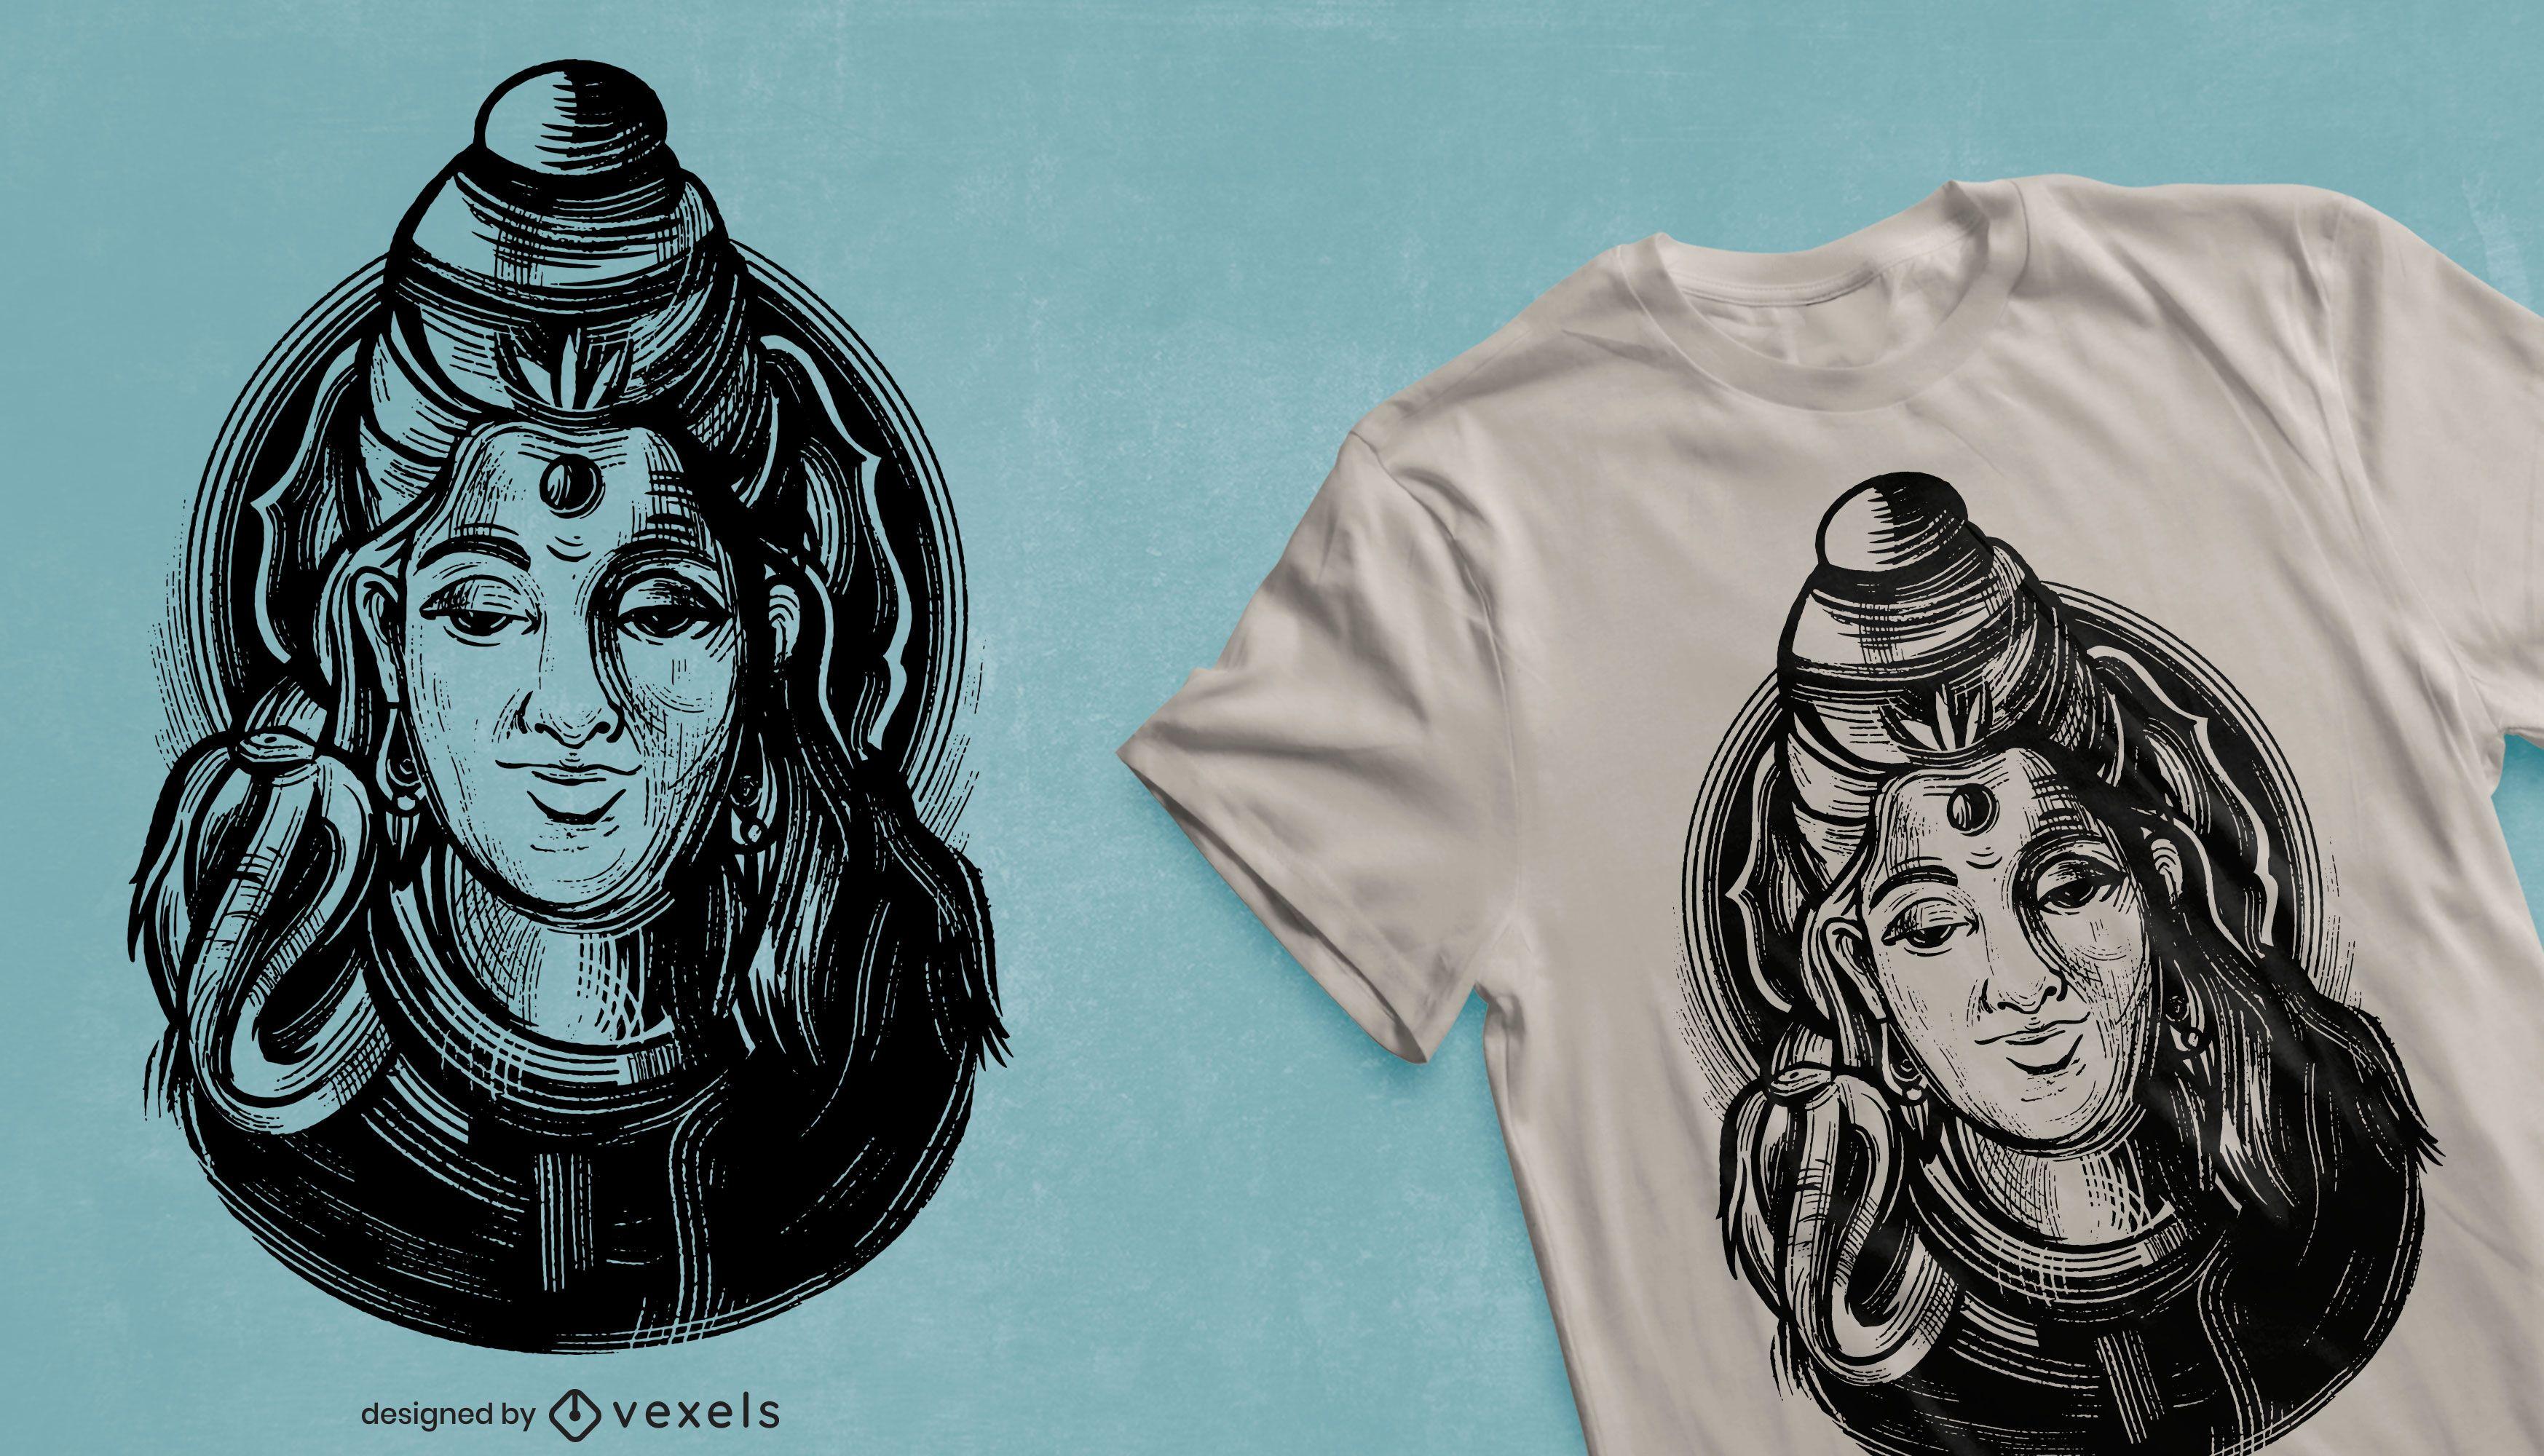 Shiva god t-shirt design